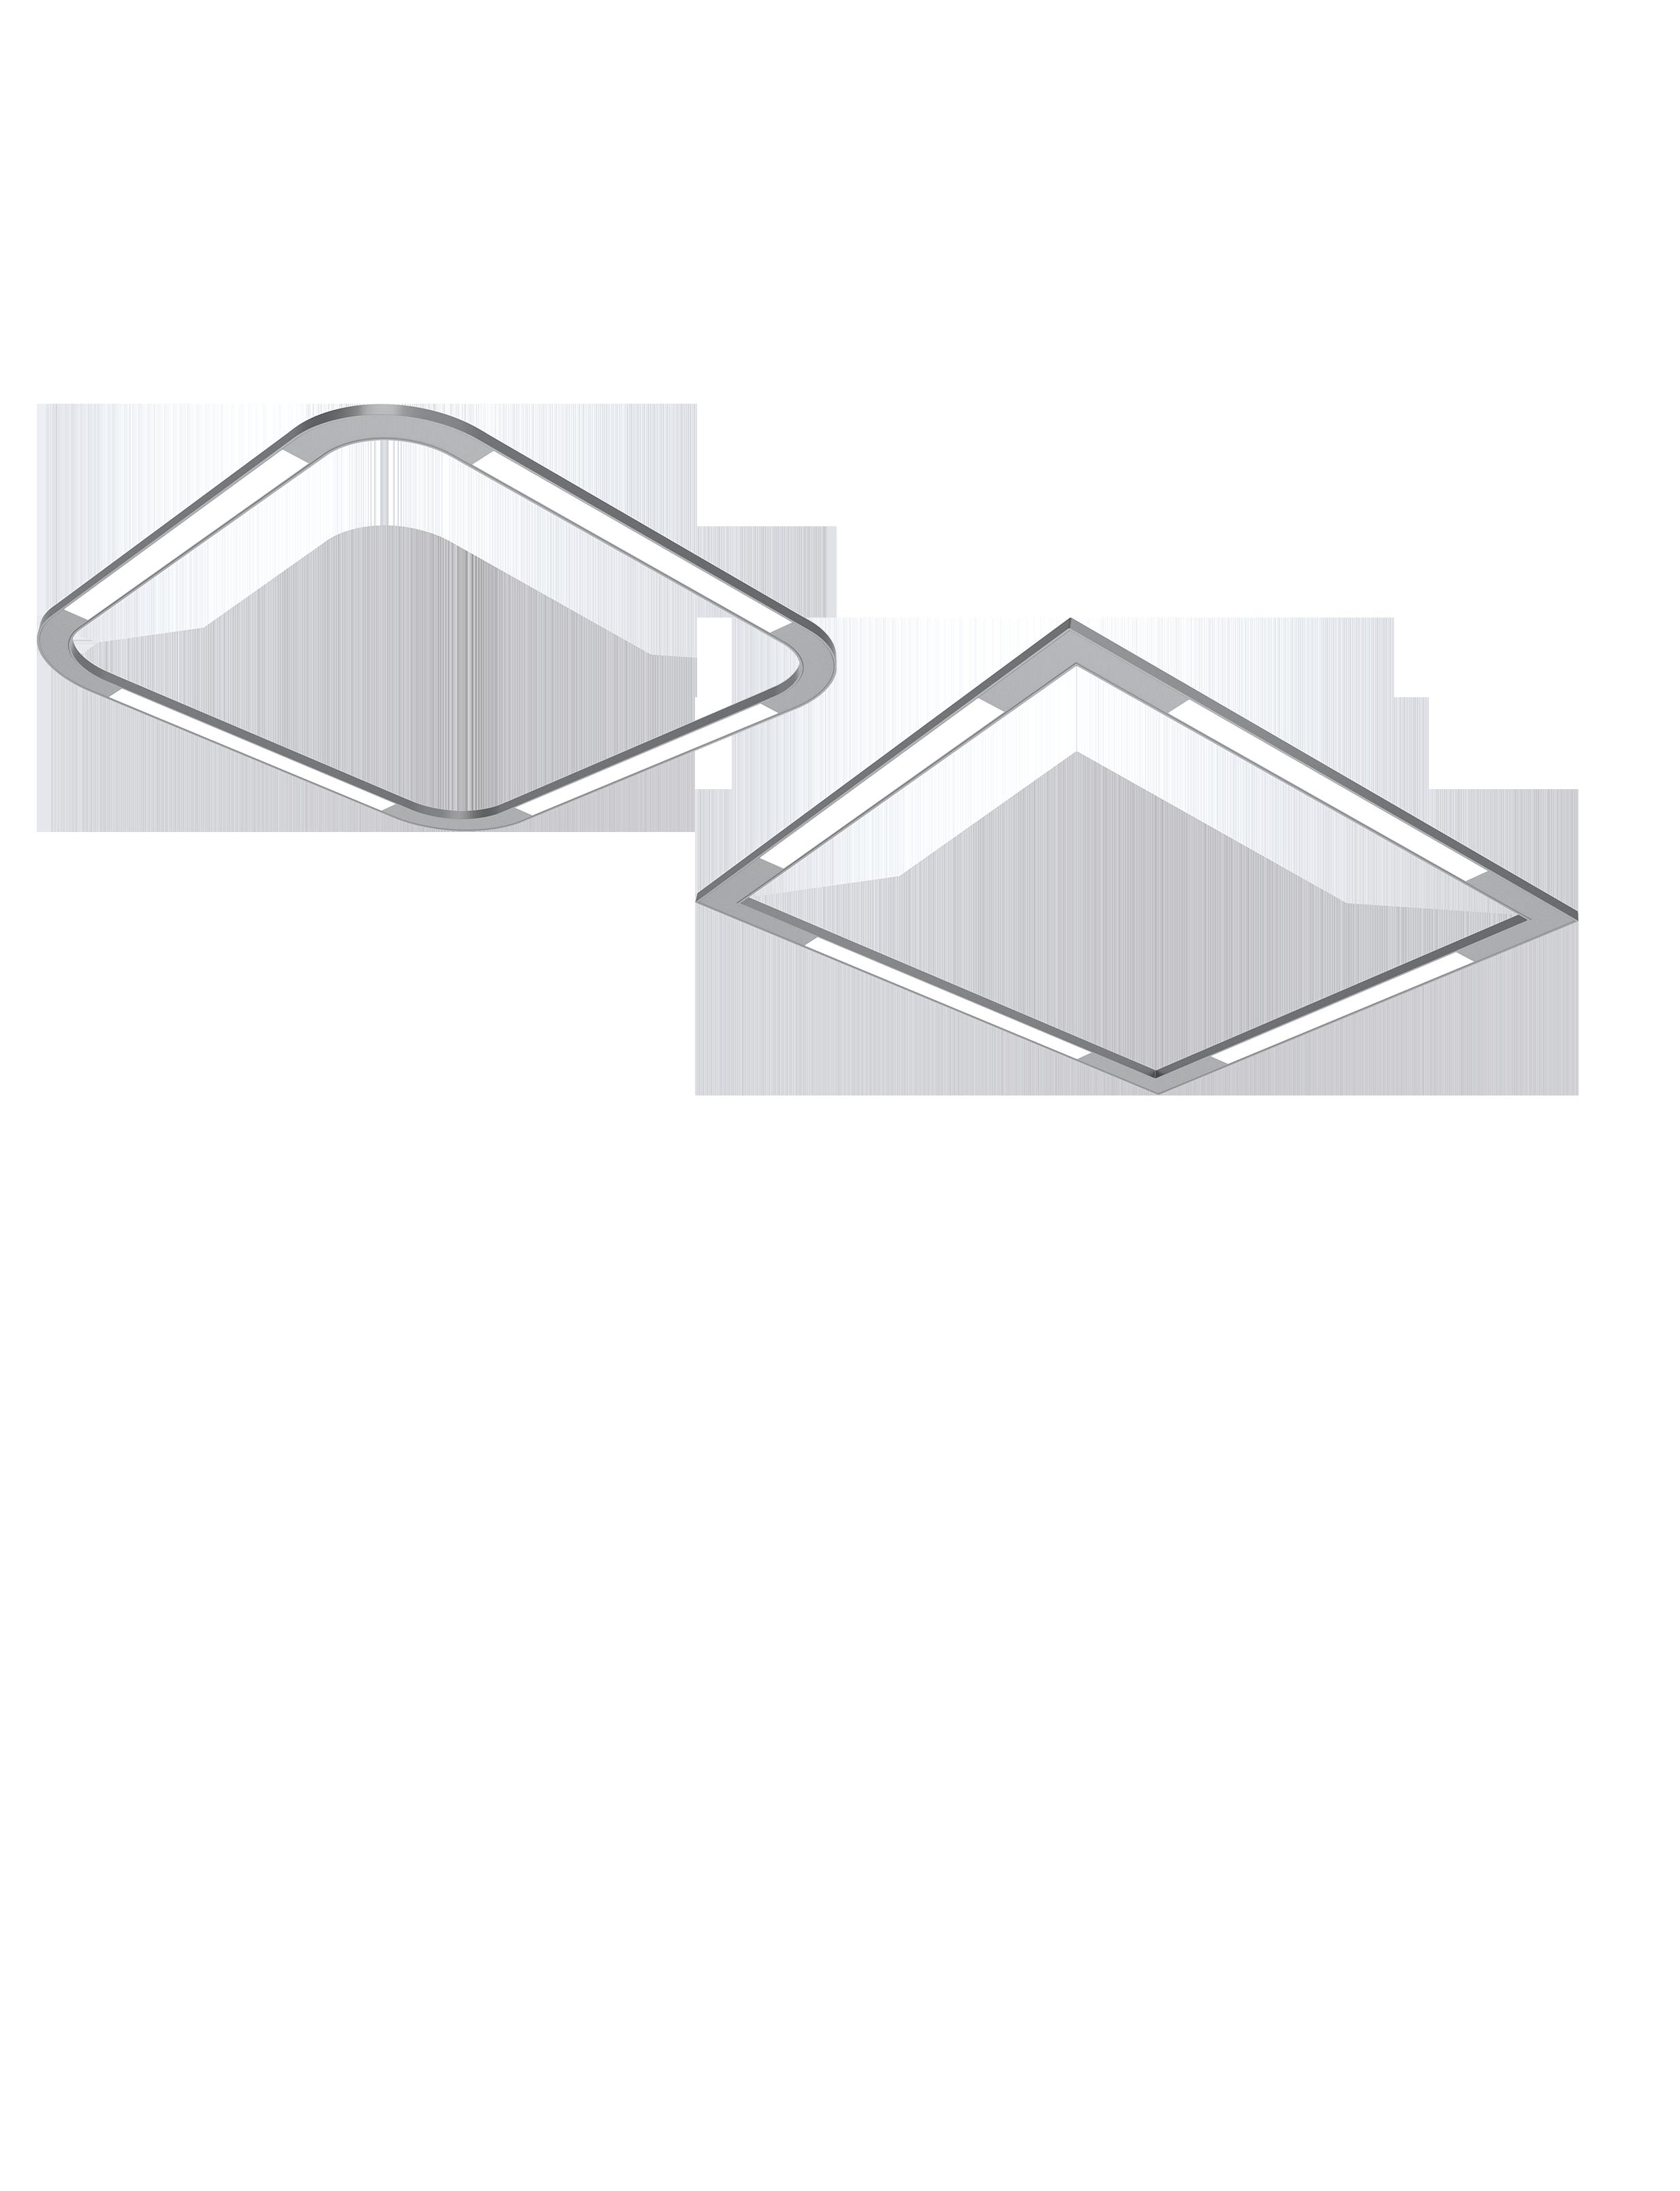 Renna Indirect Direct Flat Patterns Static White